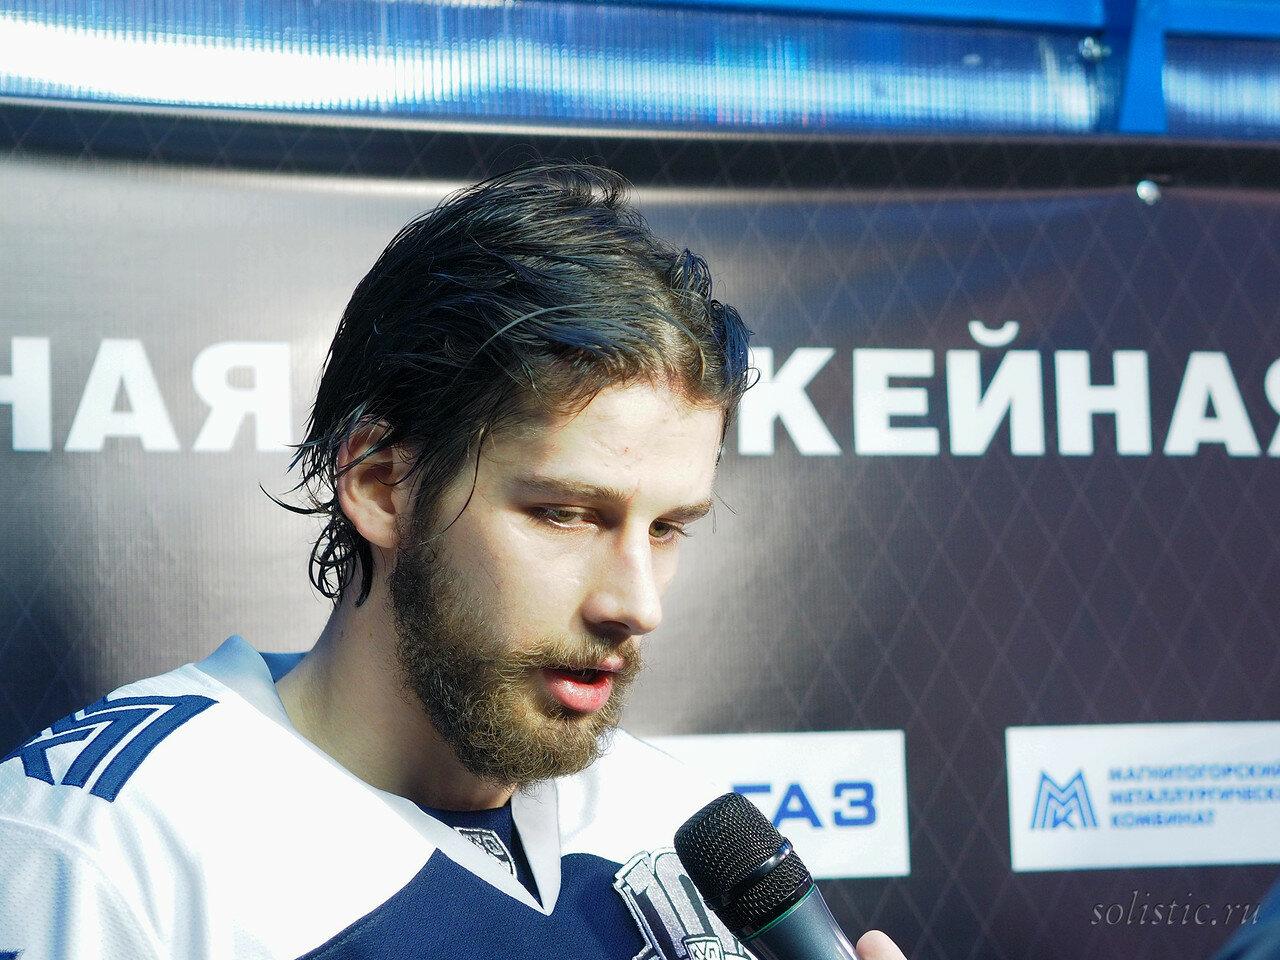 86 Металлург - Динамо Минск 03.01.2017